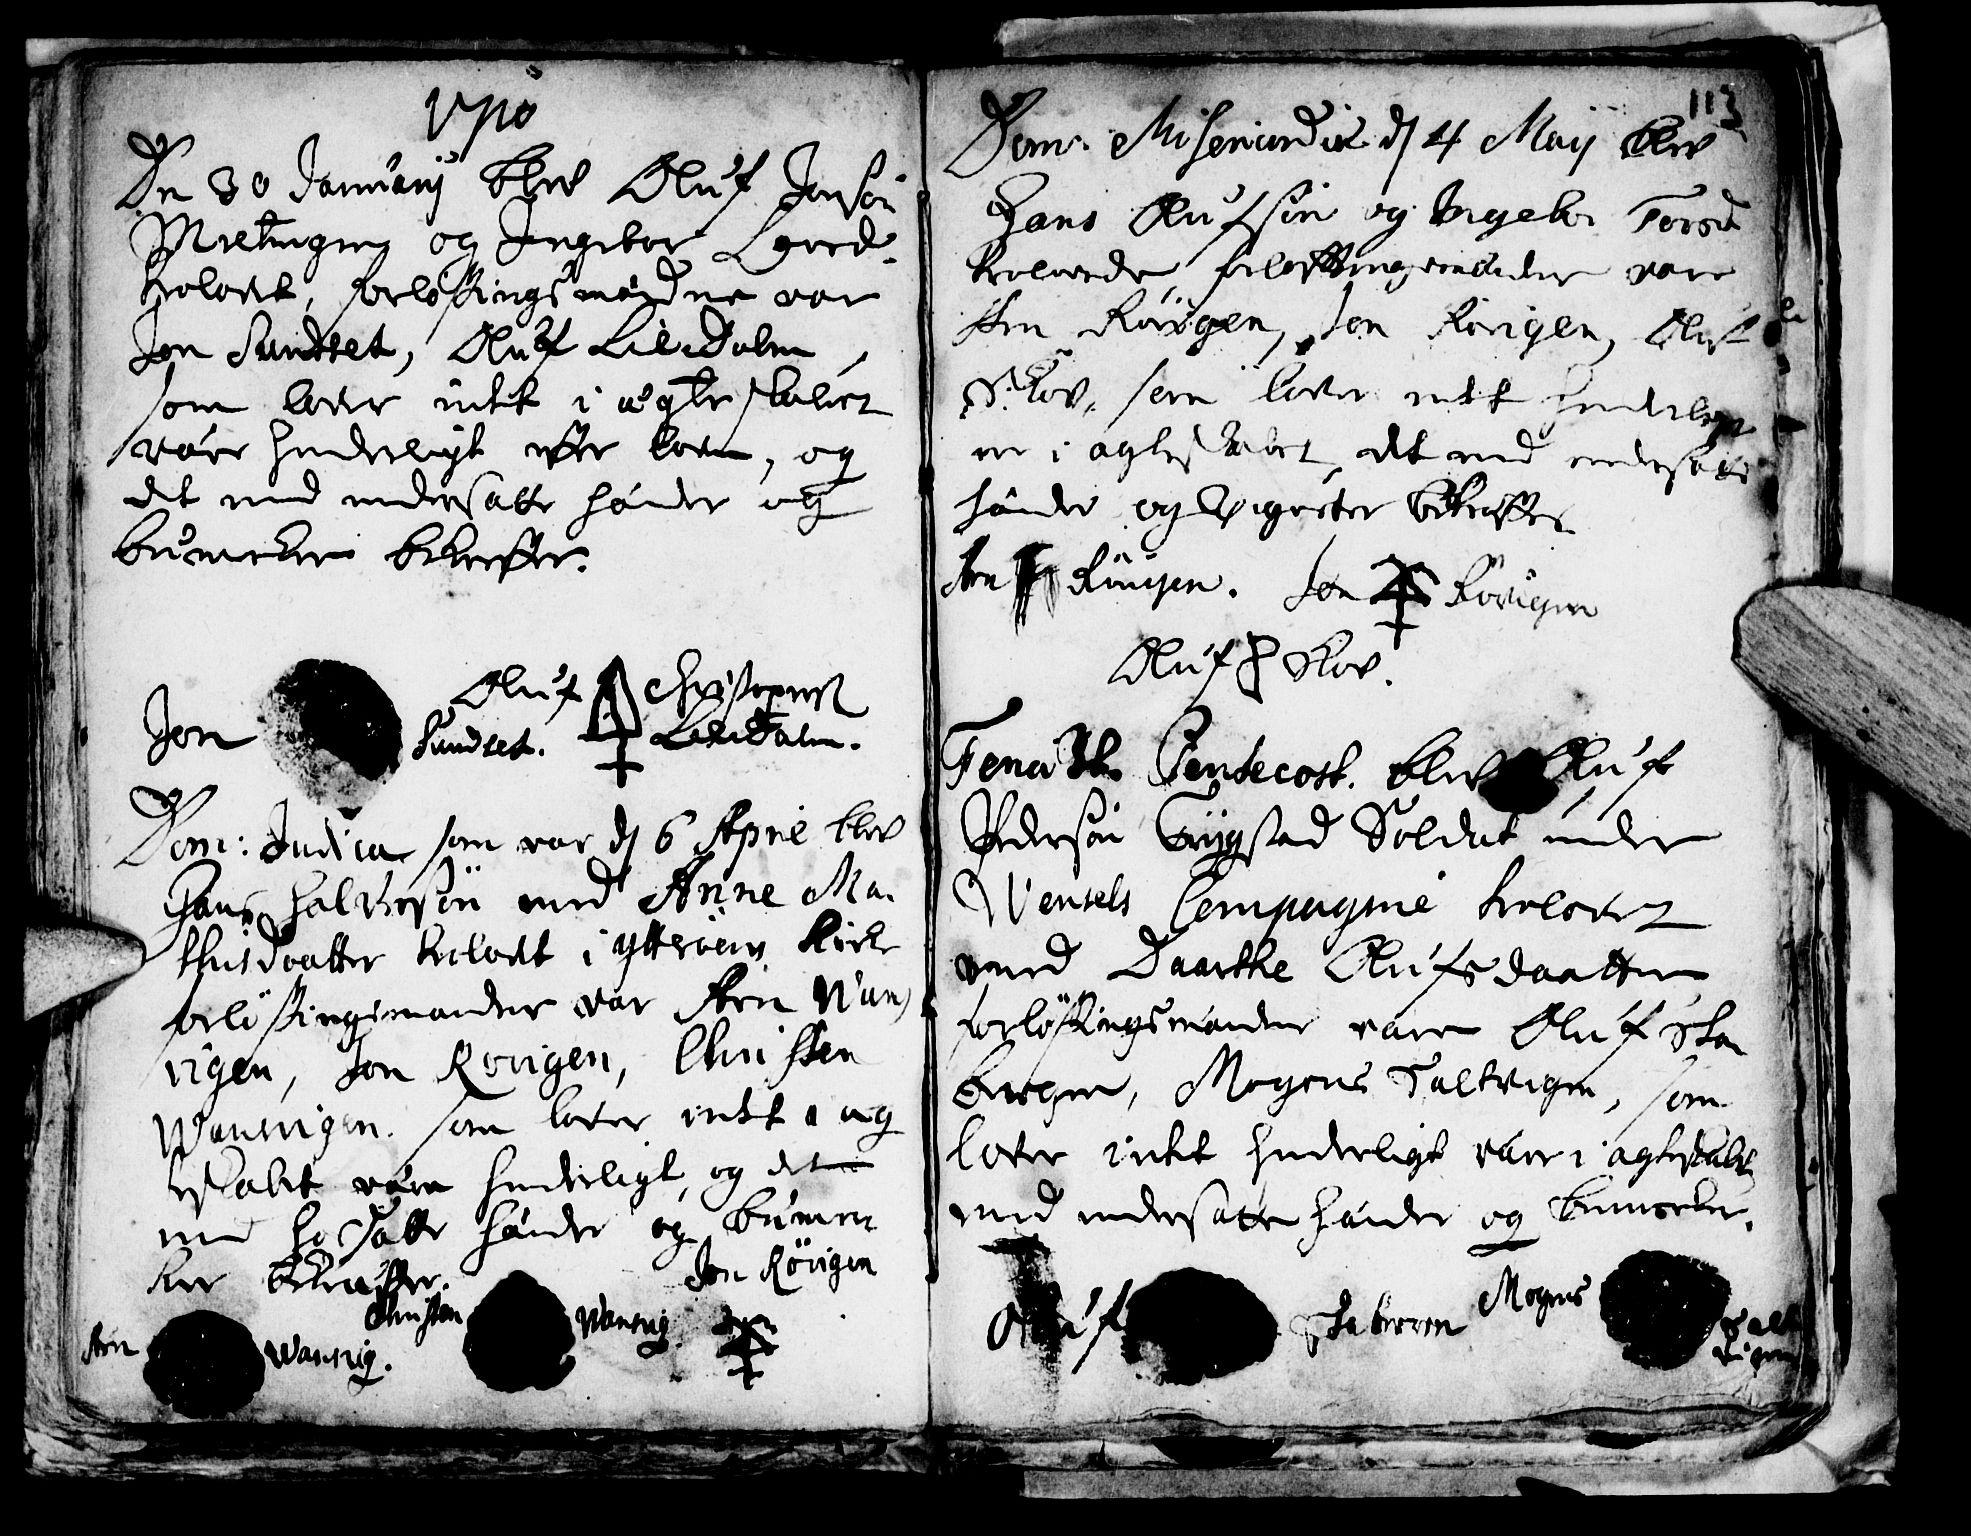 SAT, Ministerialprotokoller, klokkerbøker og fødselsregistre - Nord-Trøndelag, 722/L0214: Ministerialbok nr. 722A01, 1692-1718, s. 113